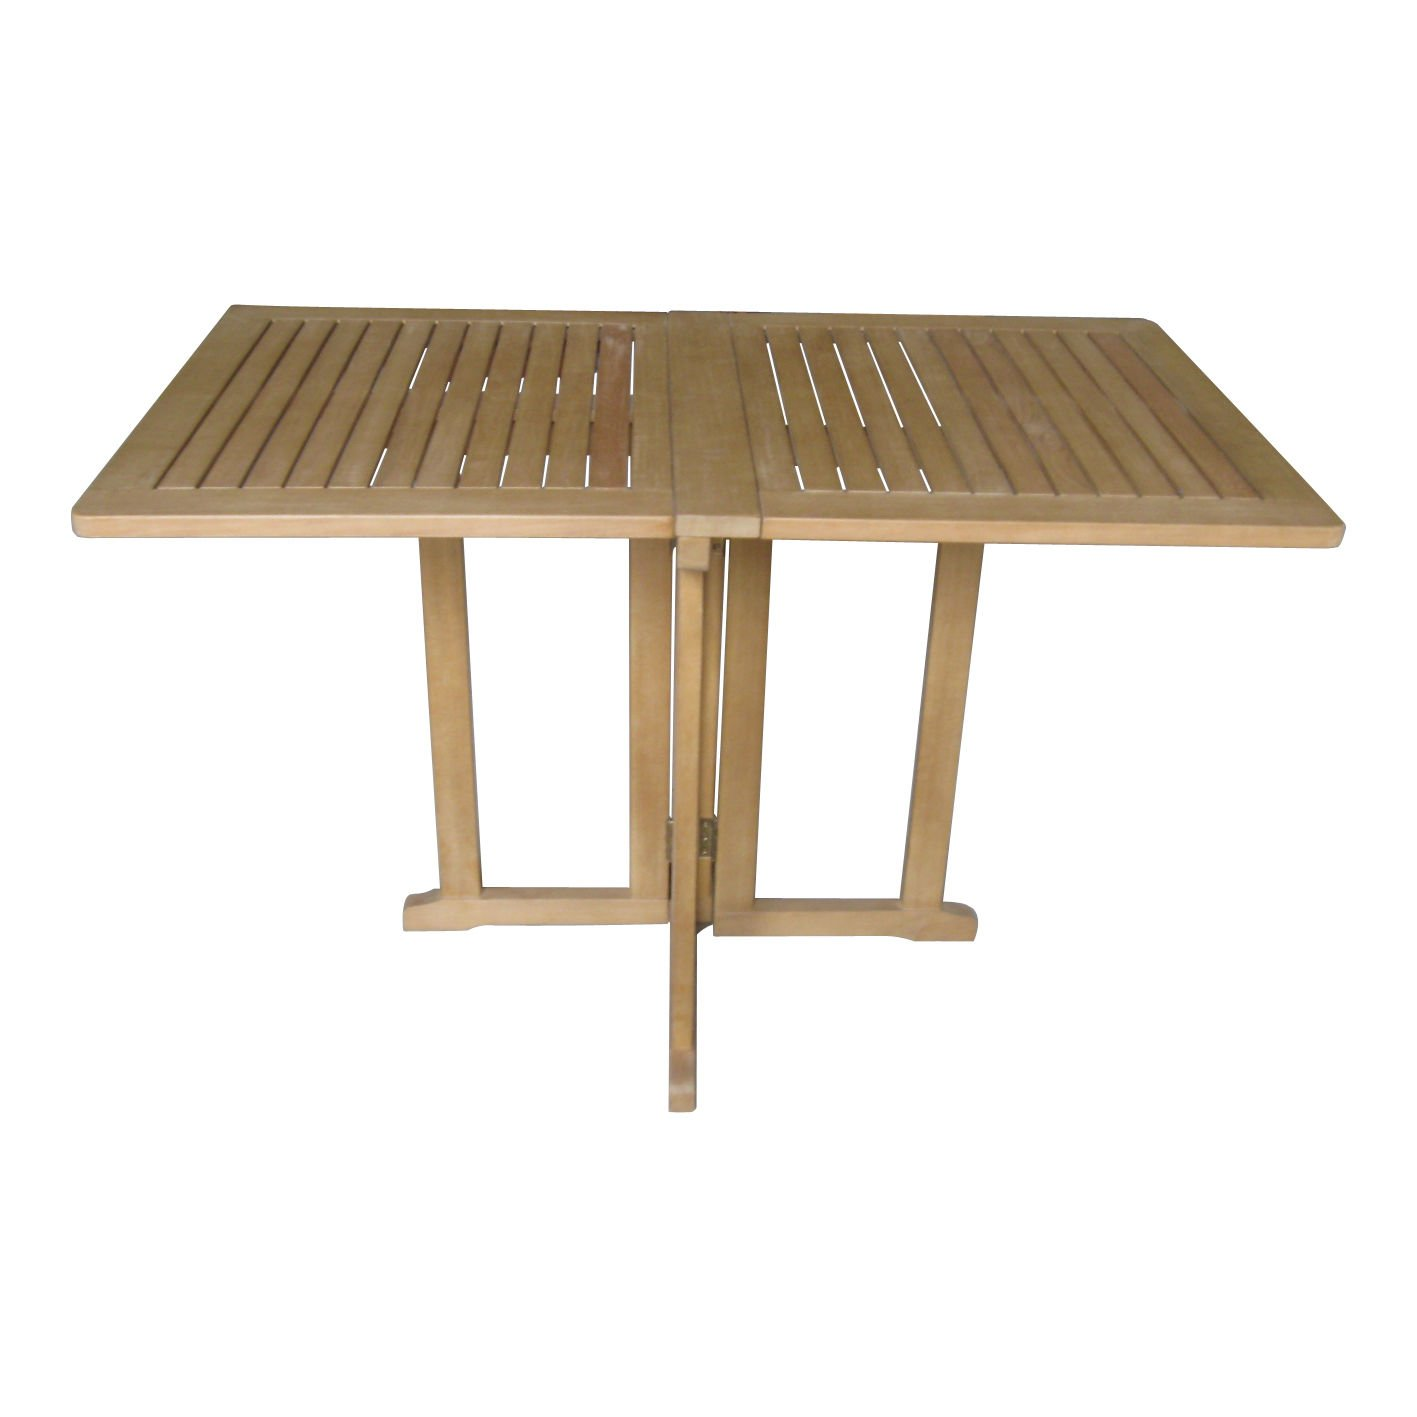 Klapptisch Balkontisch Balkon-Möbel Gartenmöbel Hartholz Tisch 120/70 Garten online kaufen